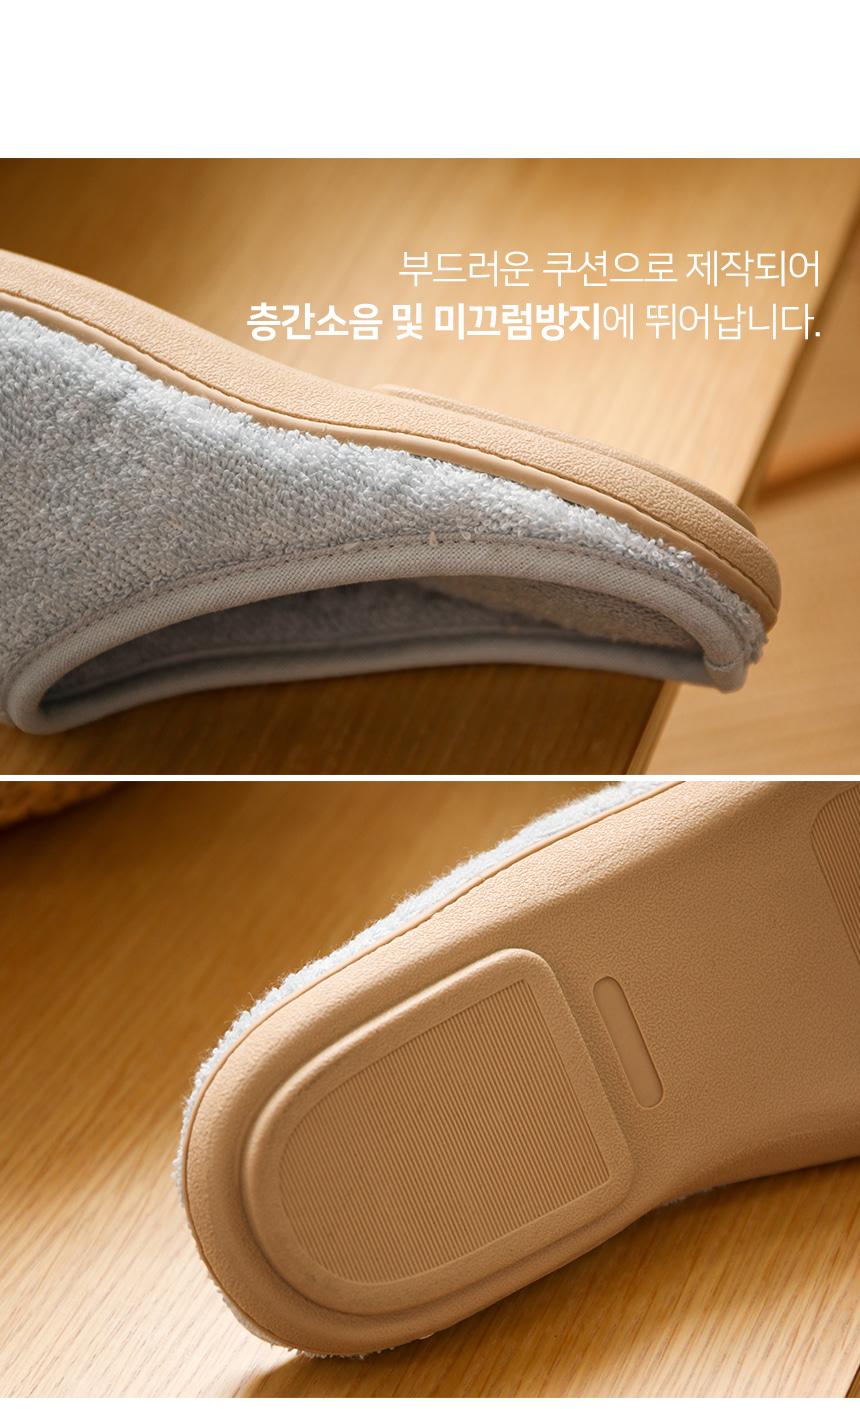 타올슬리퍼02 250mm (3color) - 패브릭포커스, 17,900원, 슬리퍼/거실화, 덮개형